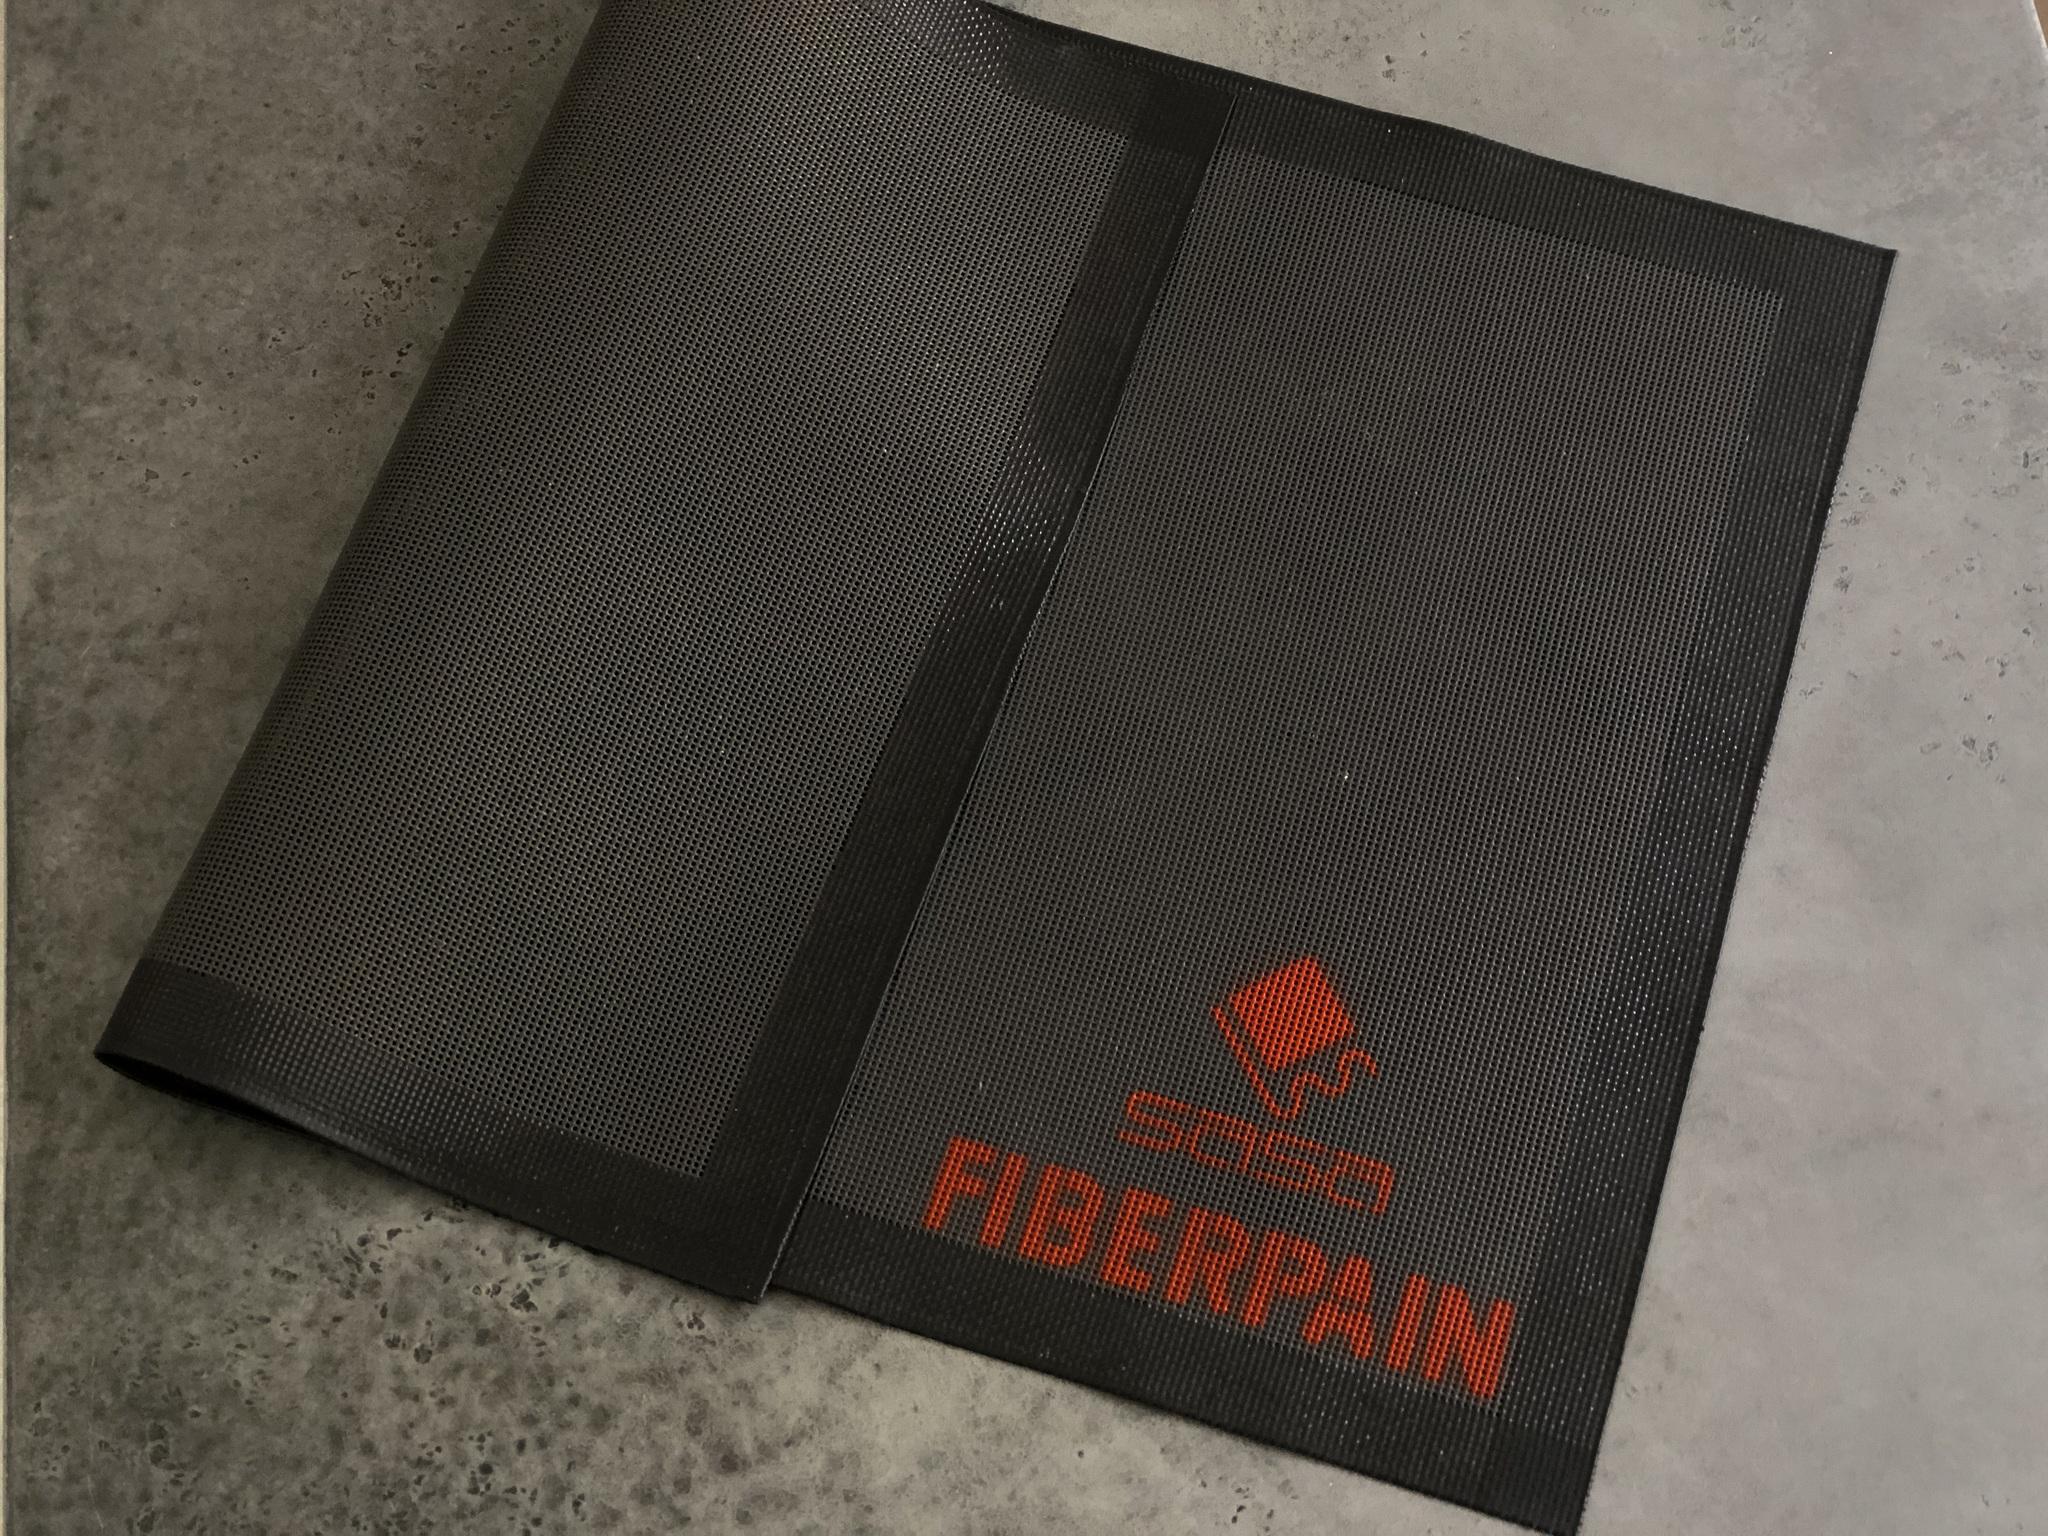 Коврик перфорированный Fiberpain SASA, 585X385 мм